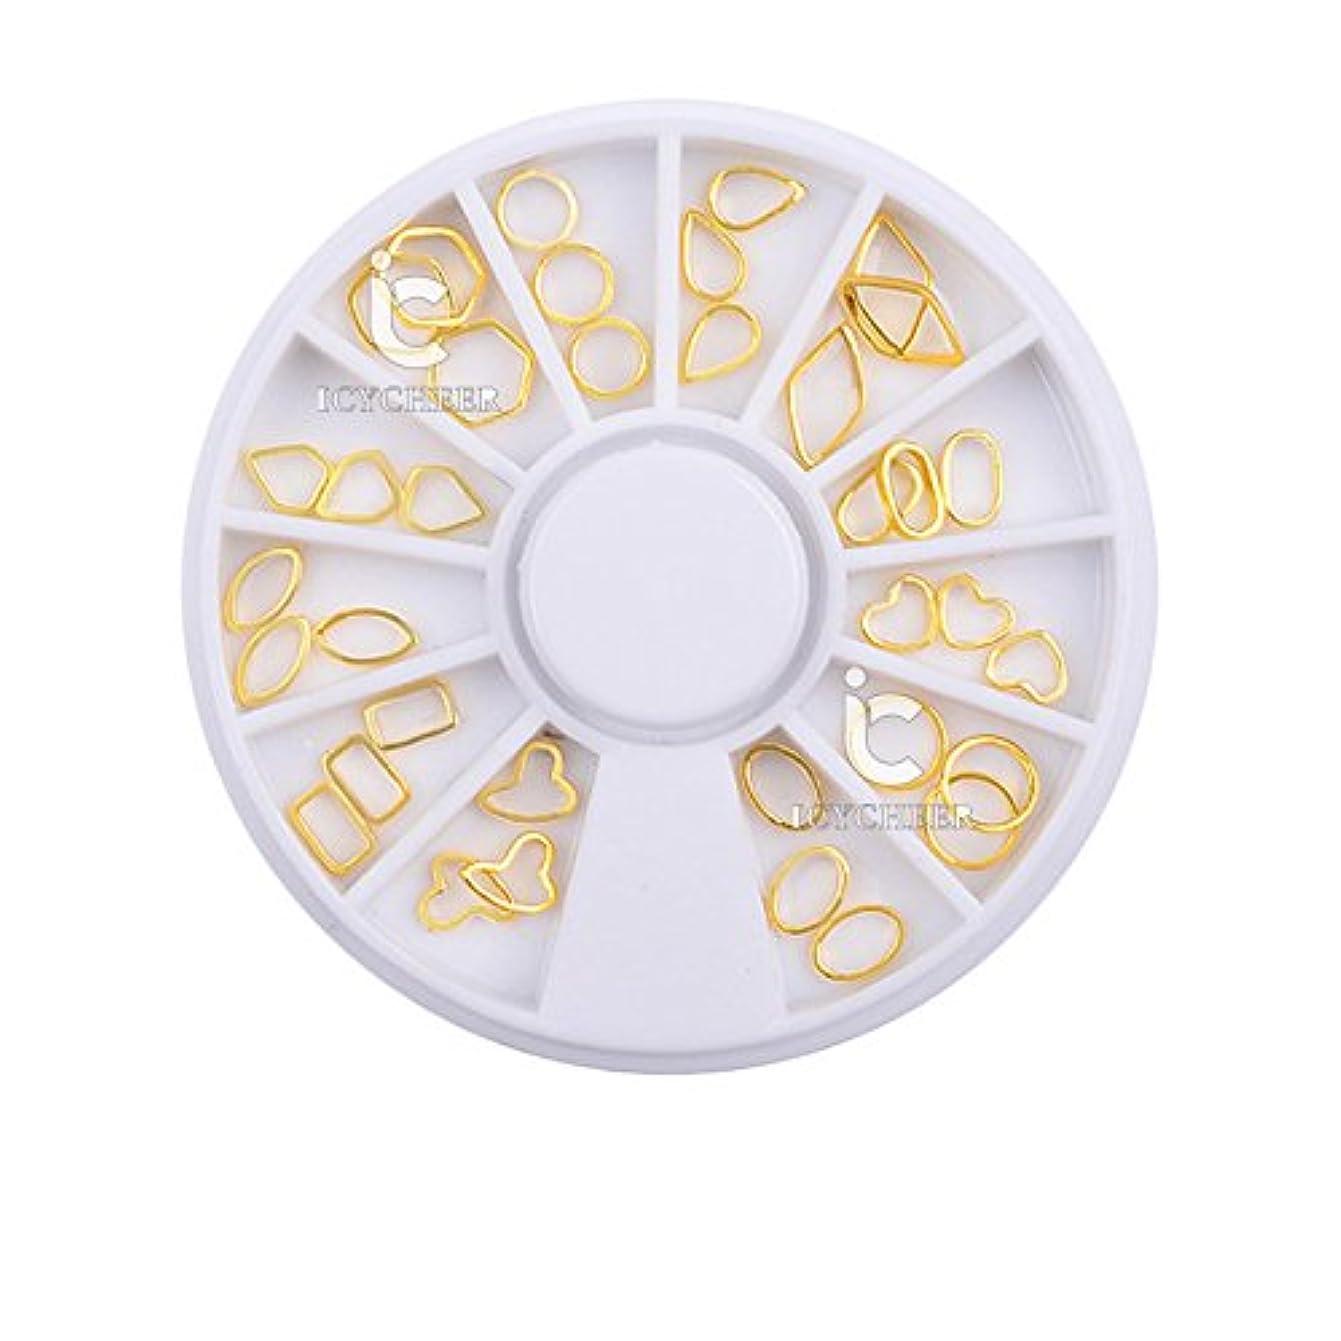 幸福ホテル祈るICYCHEERネイルアートメタルスタッズ装飾ウォータードロップサークルハートゴールド3D合金ラインストーン (gold)